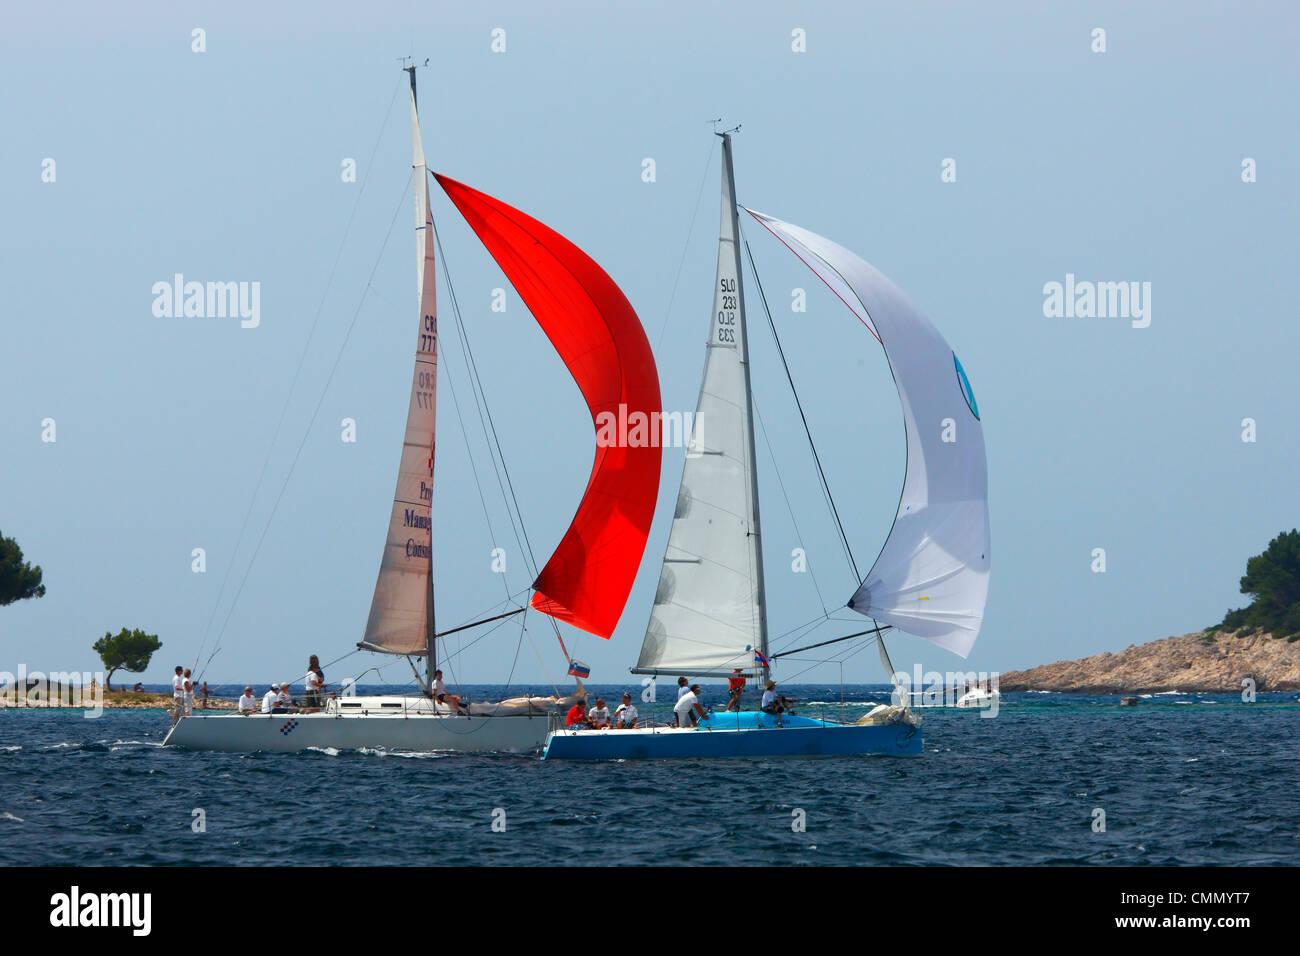 Competizione di vela in Croazia Immagini Stock